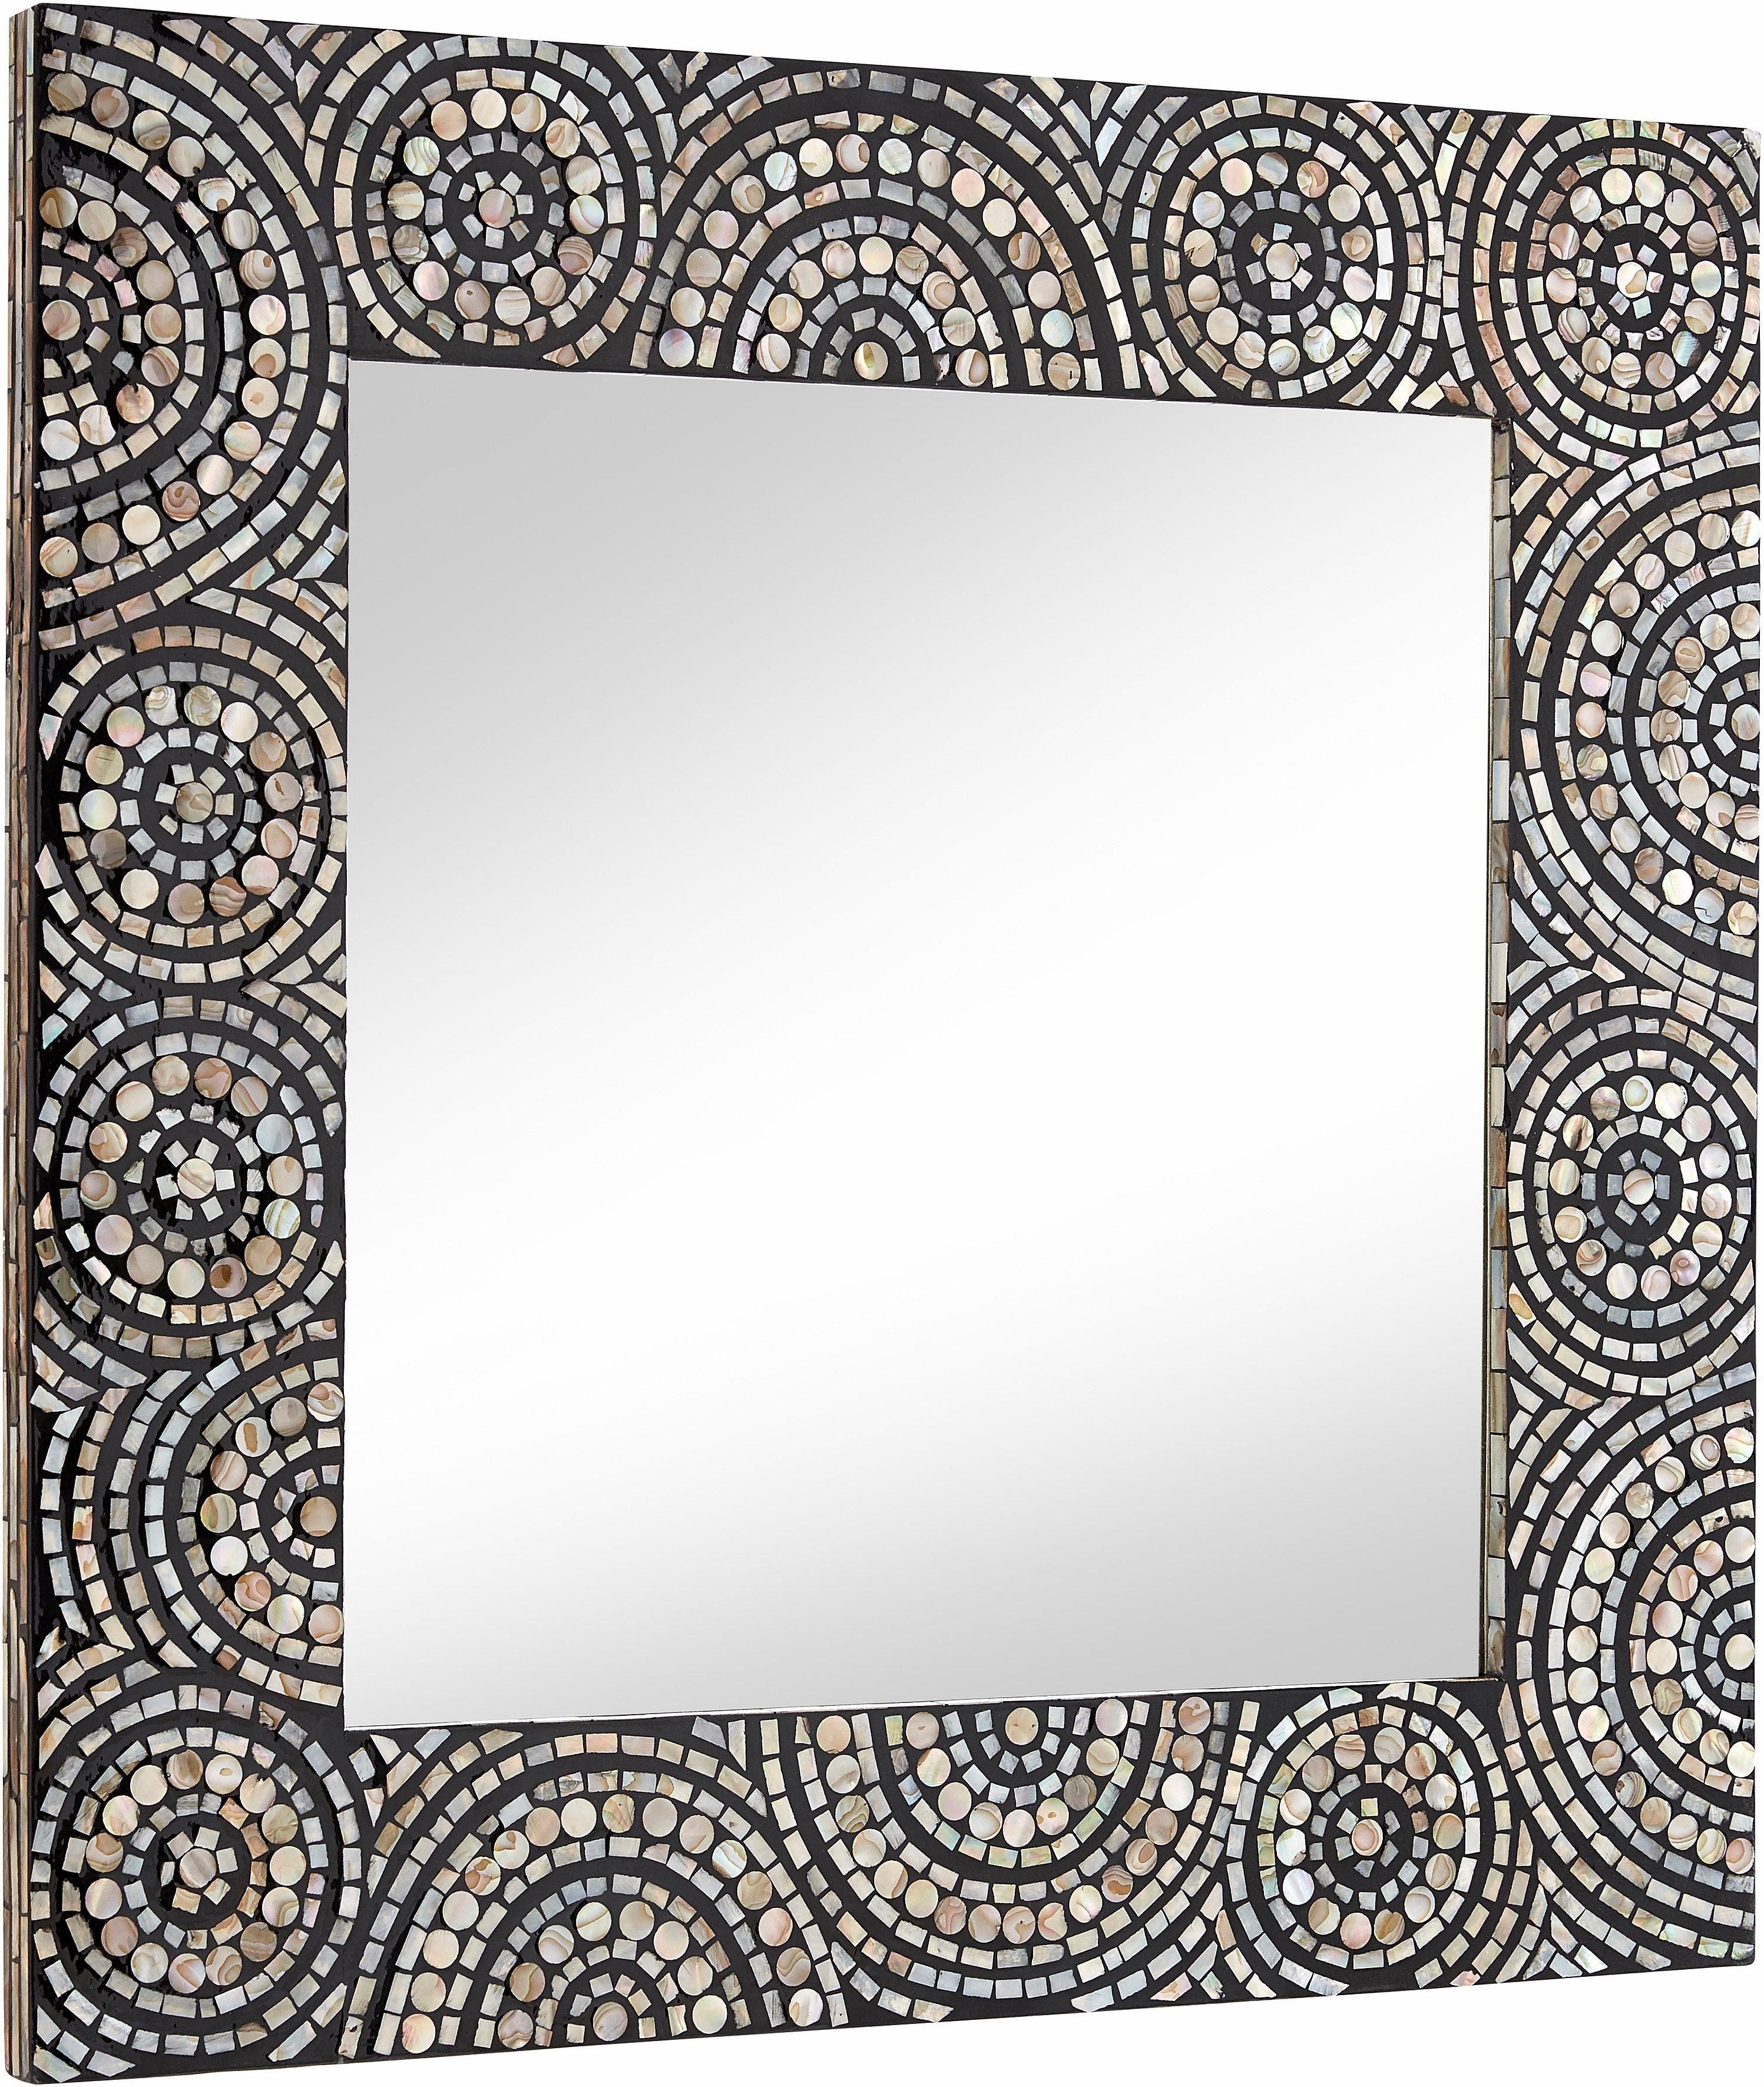 Spiegel, mit Perlmutt belegt